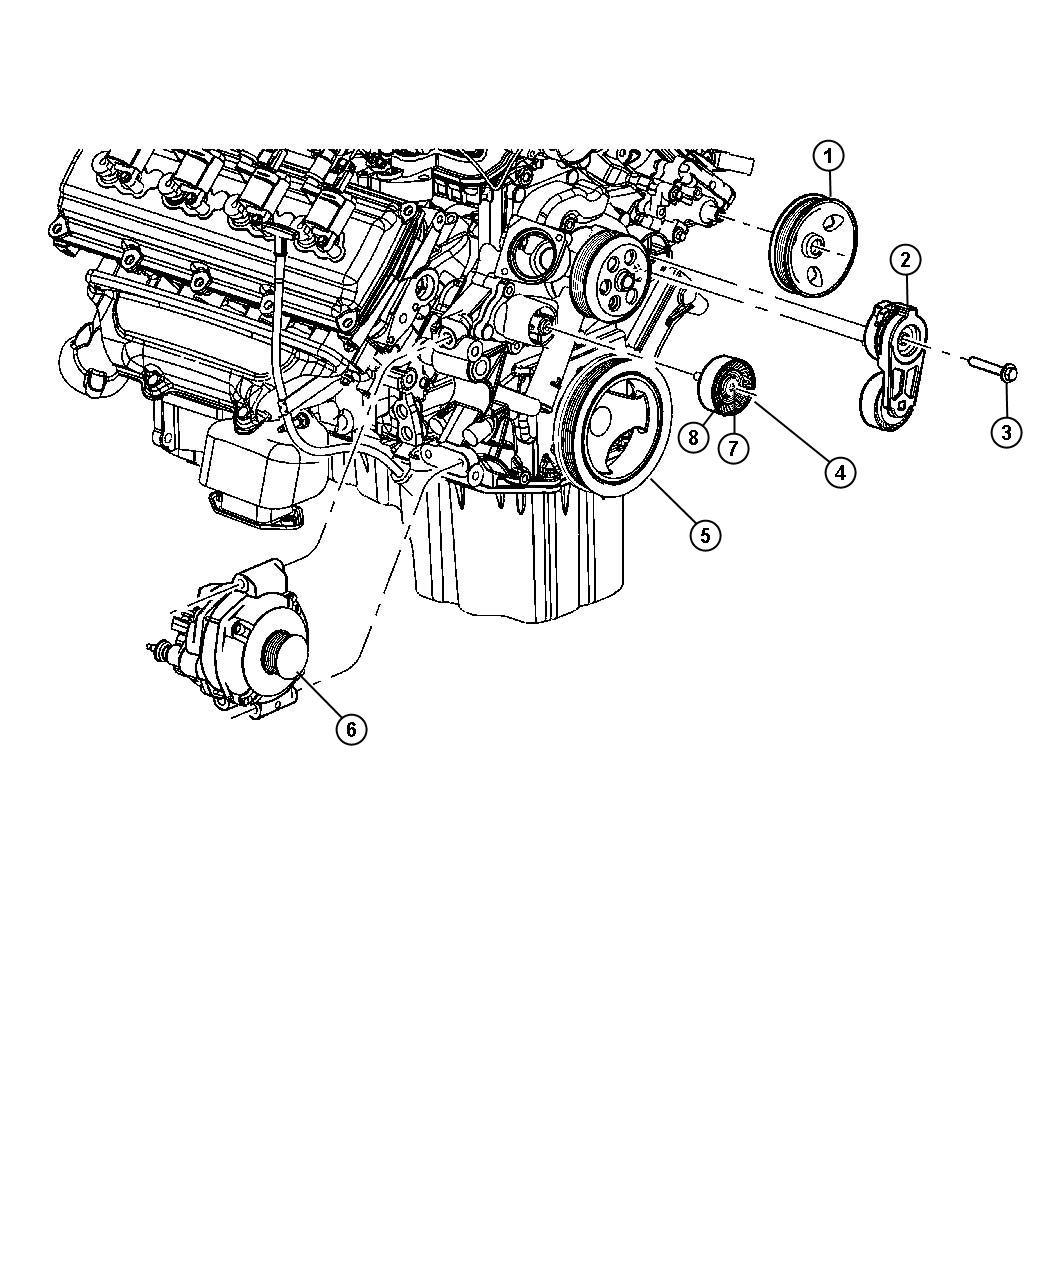 Dodge Challenger Screw. Shoulder hex flange head. M10x1